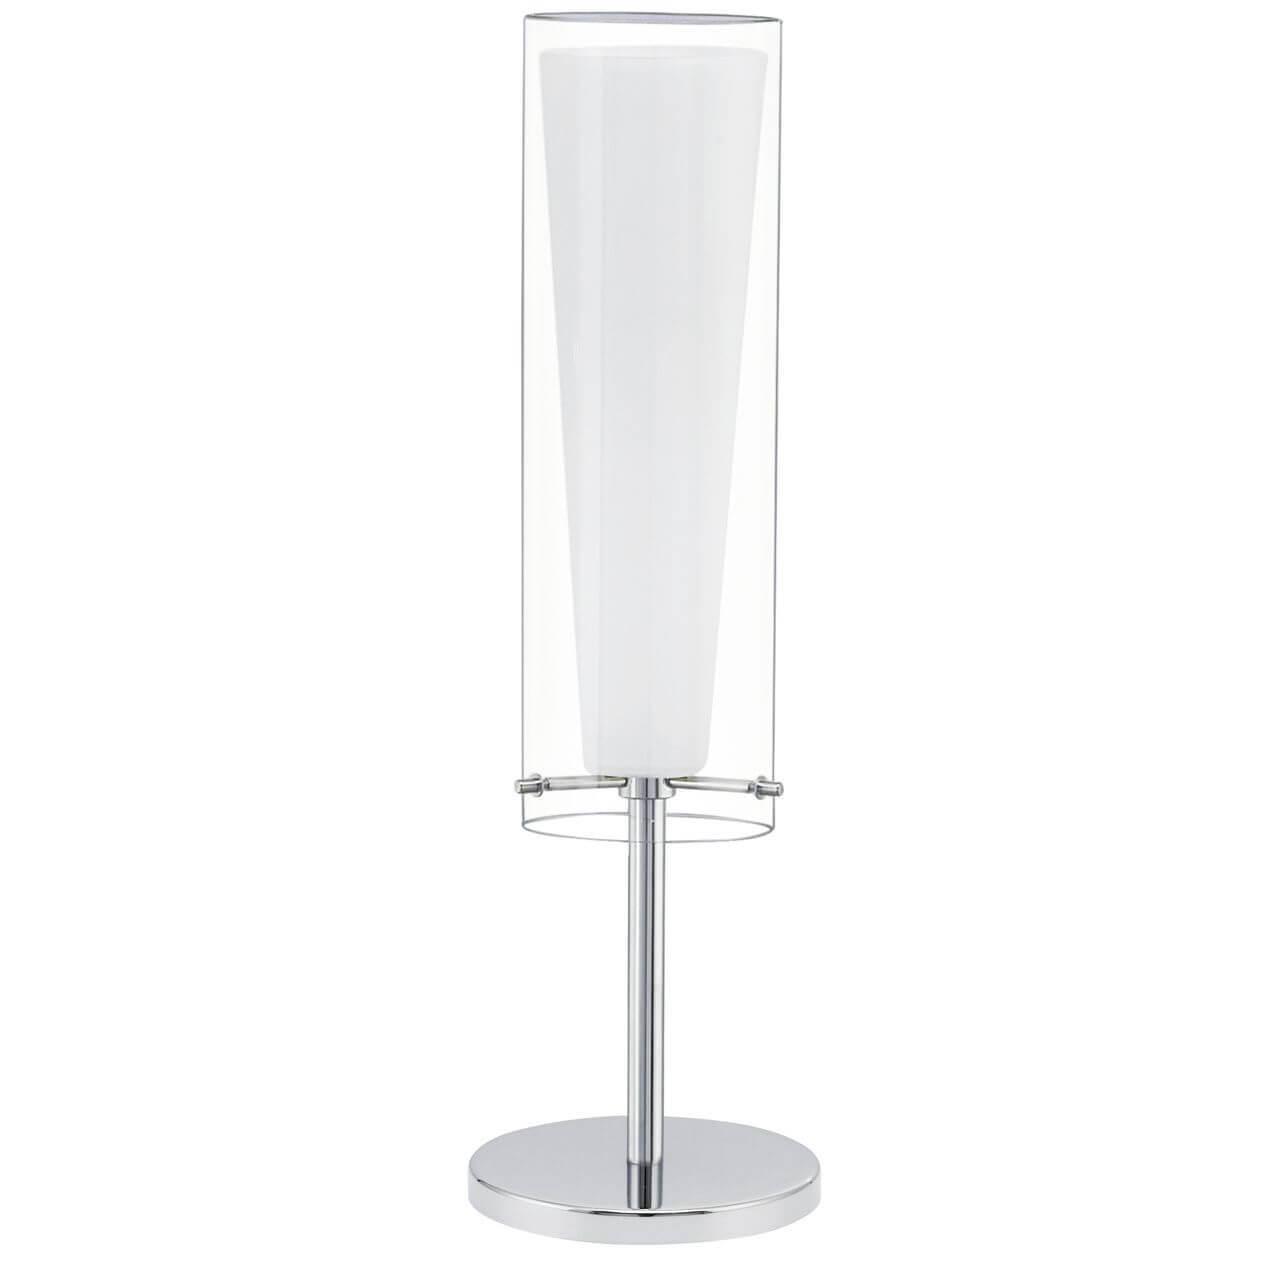 Настольный светильник Eglo 89835, E27, 60 Вт